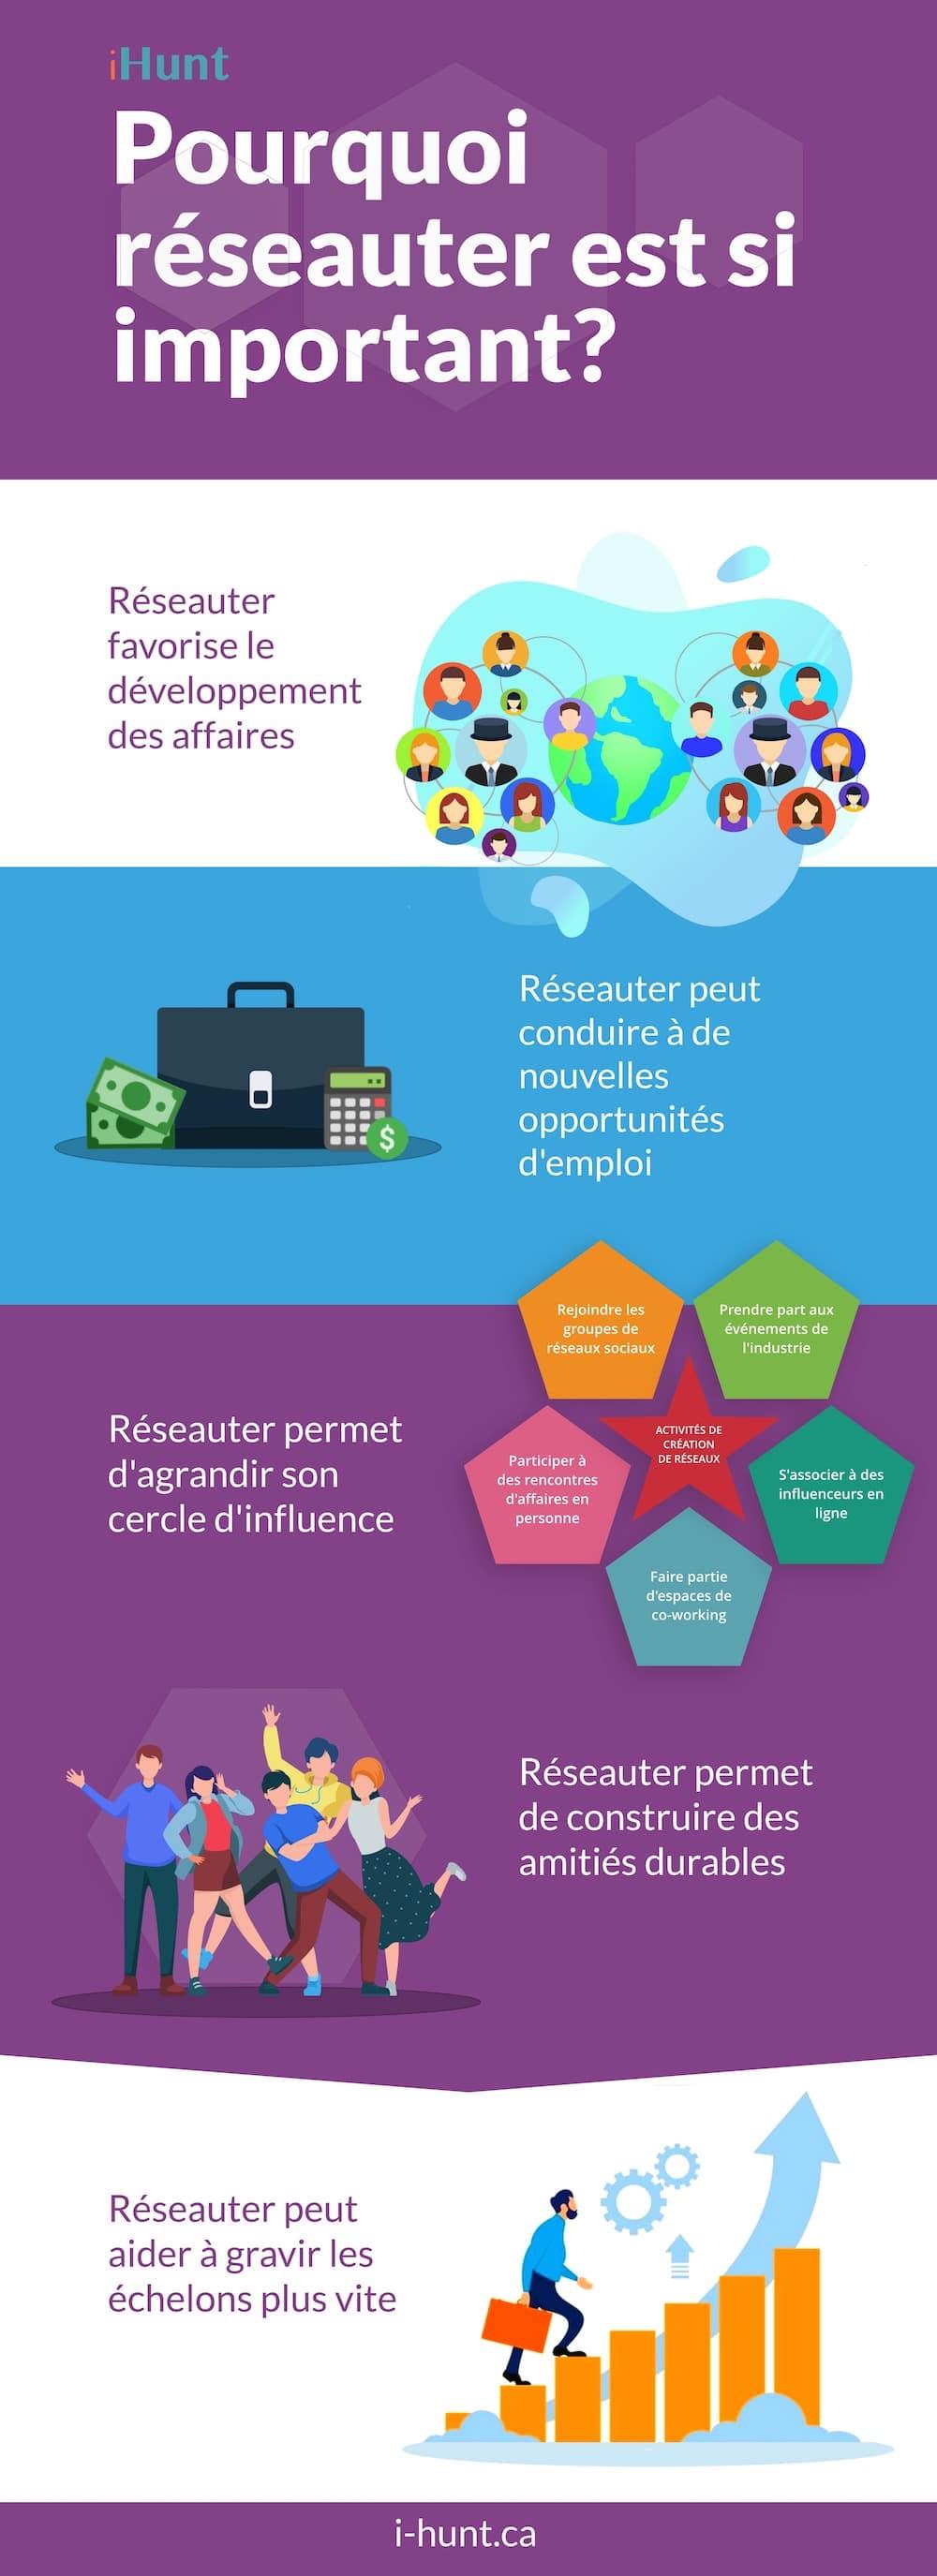 Infographie sur l'importance de réseauter